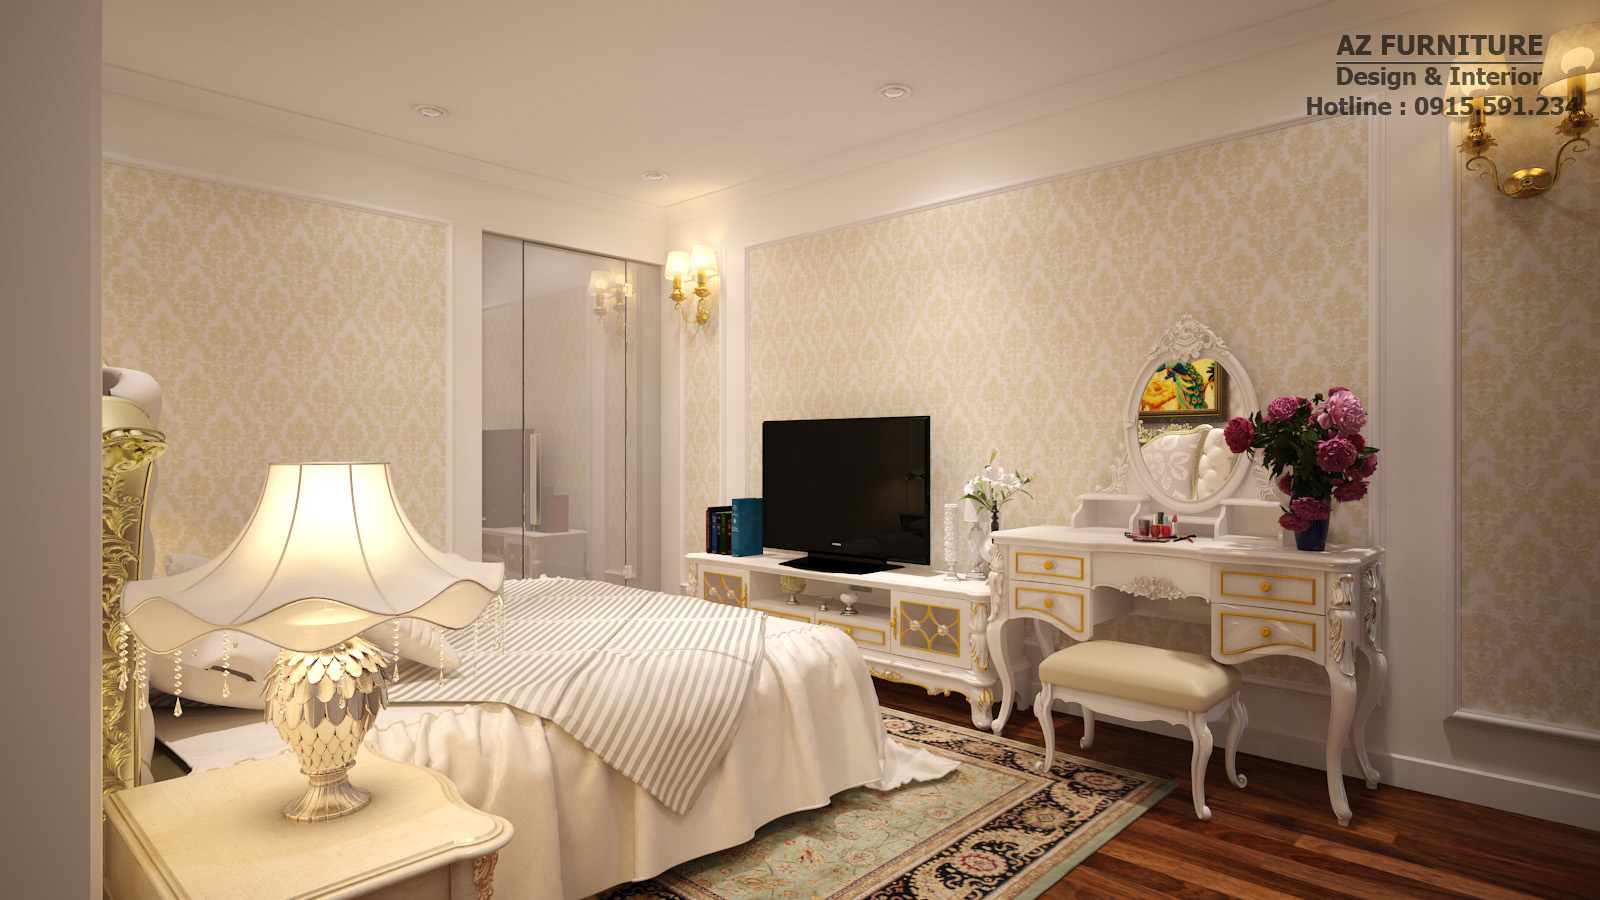 Thiết kế phòng ngủ tân đổ điển sang trọng, tinh tế